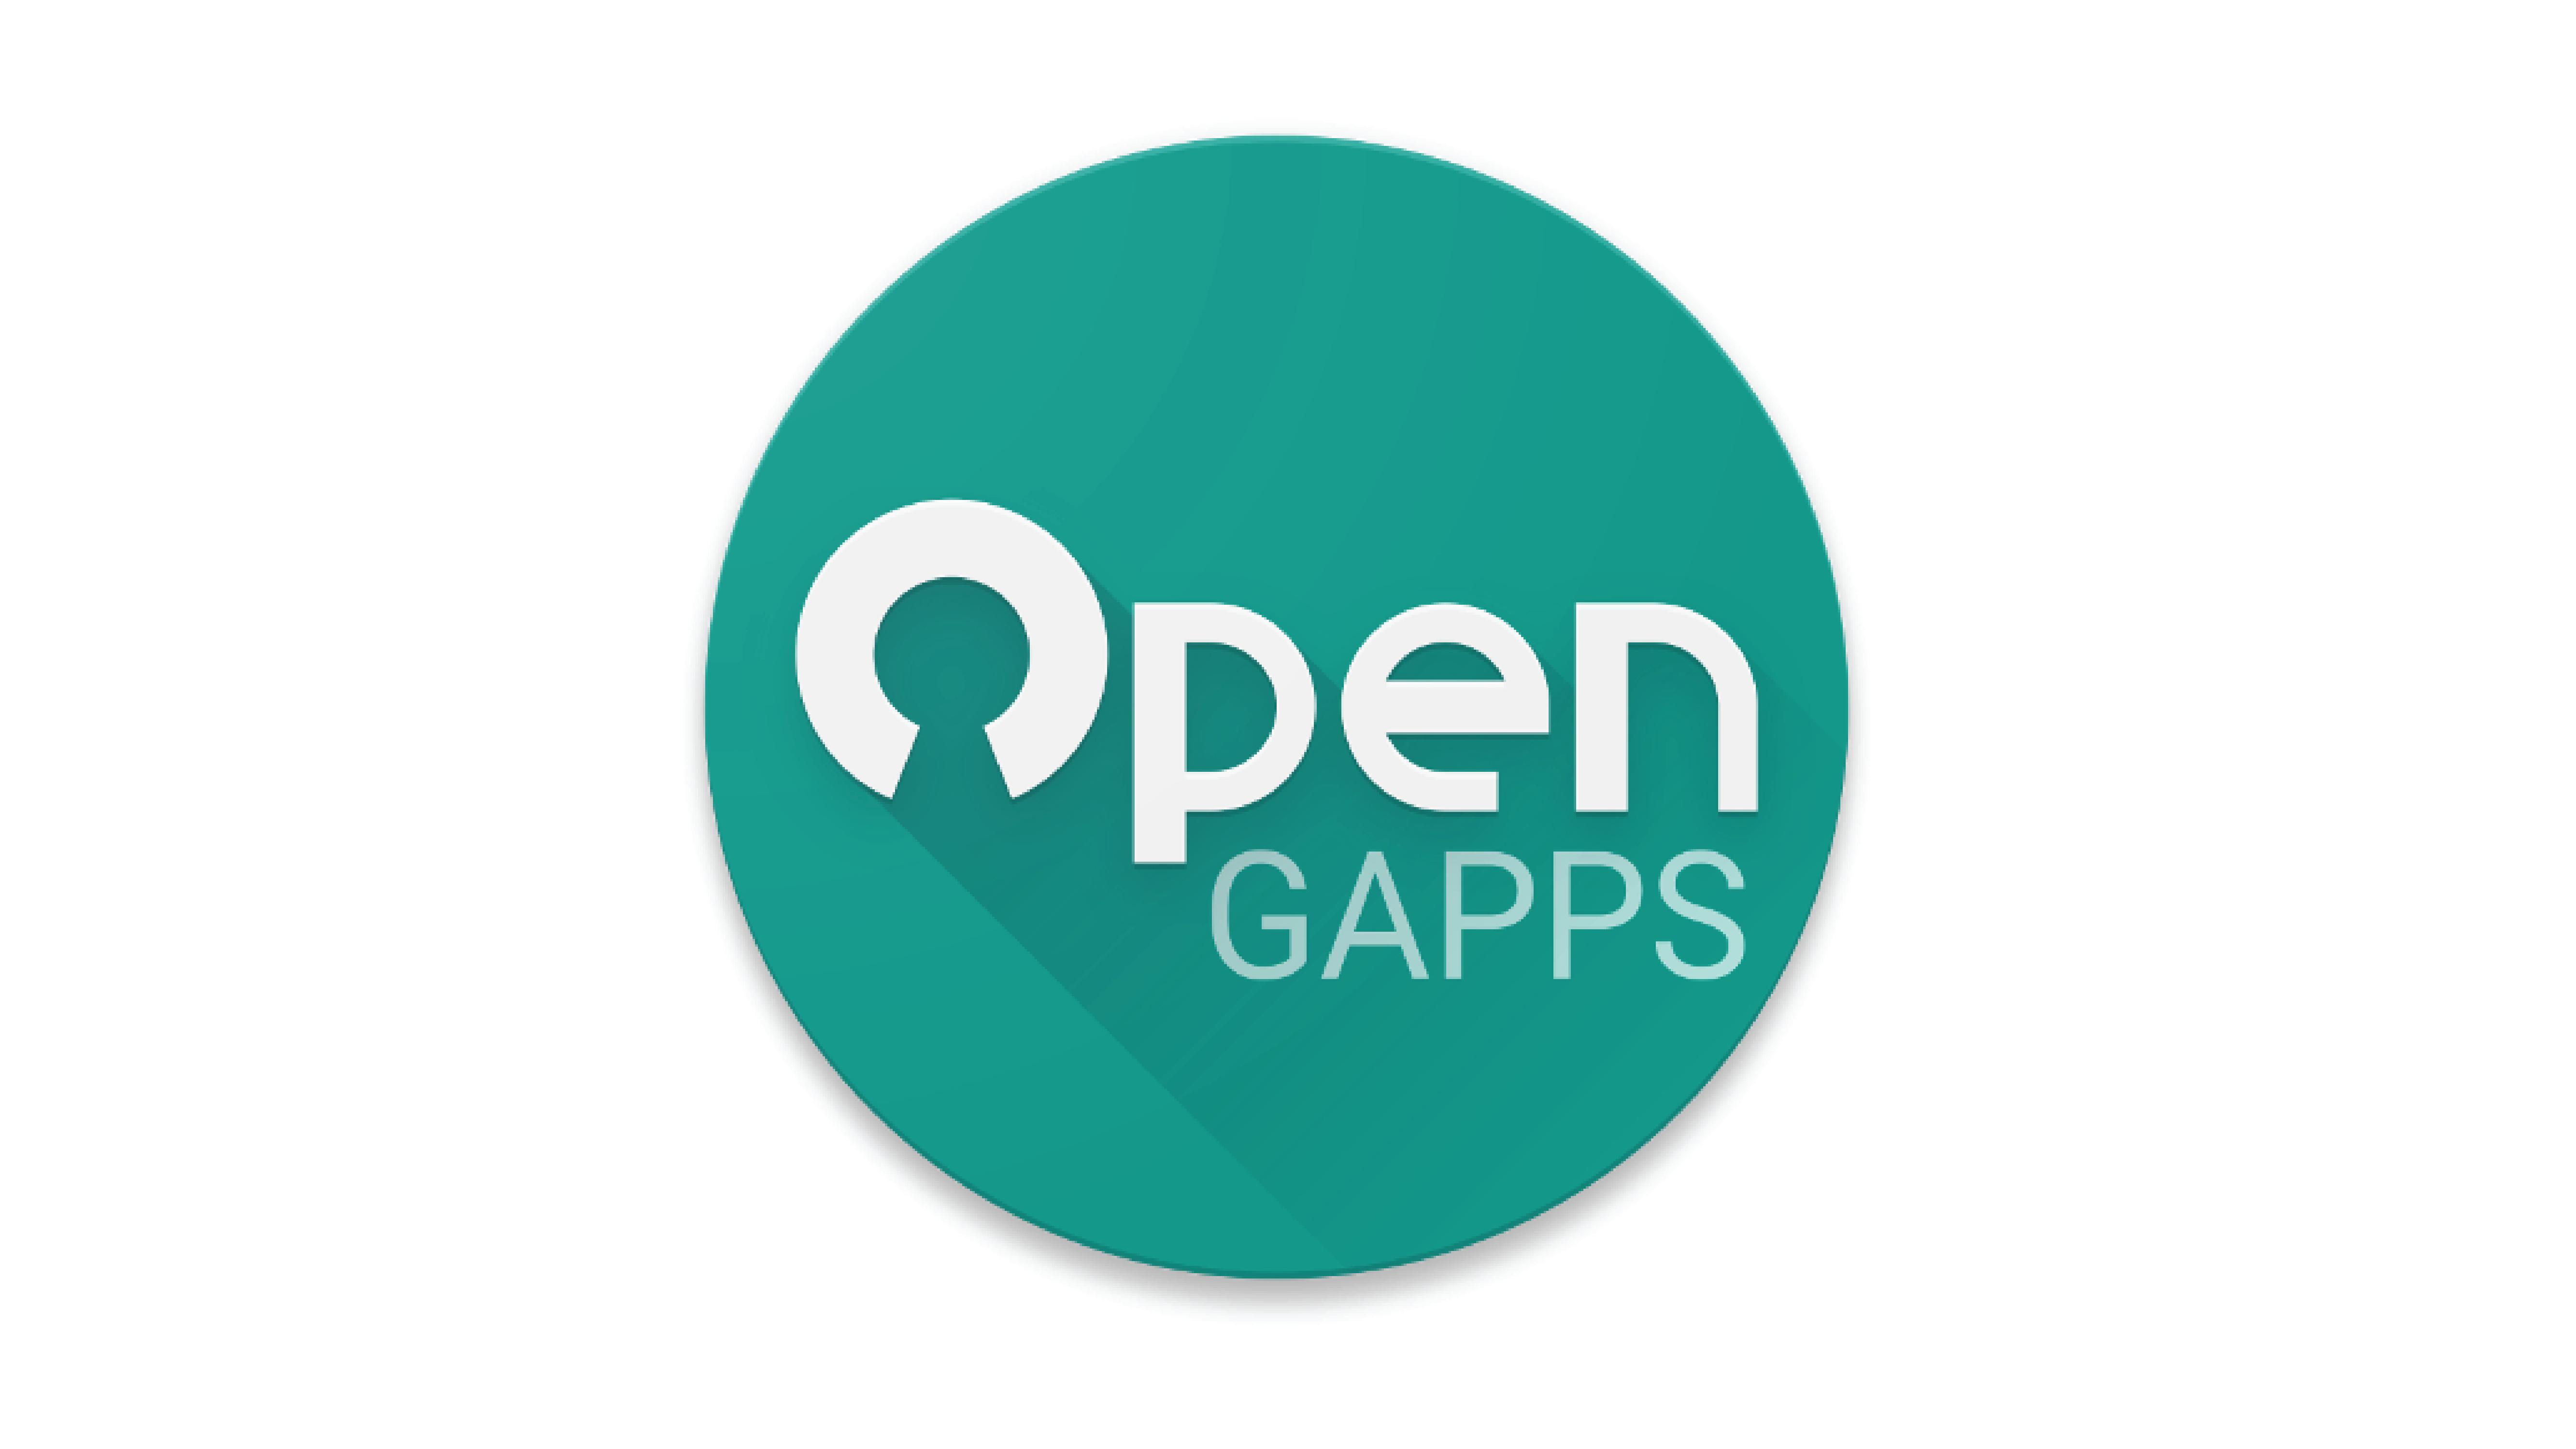 Projekt Open GApps má vlastní aplikaci